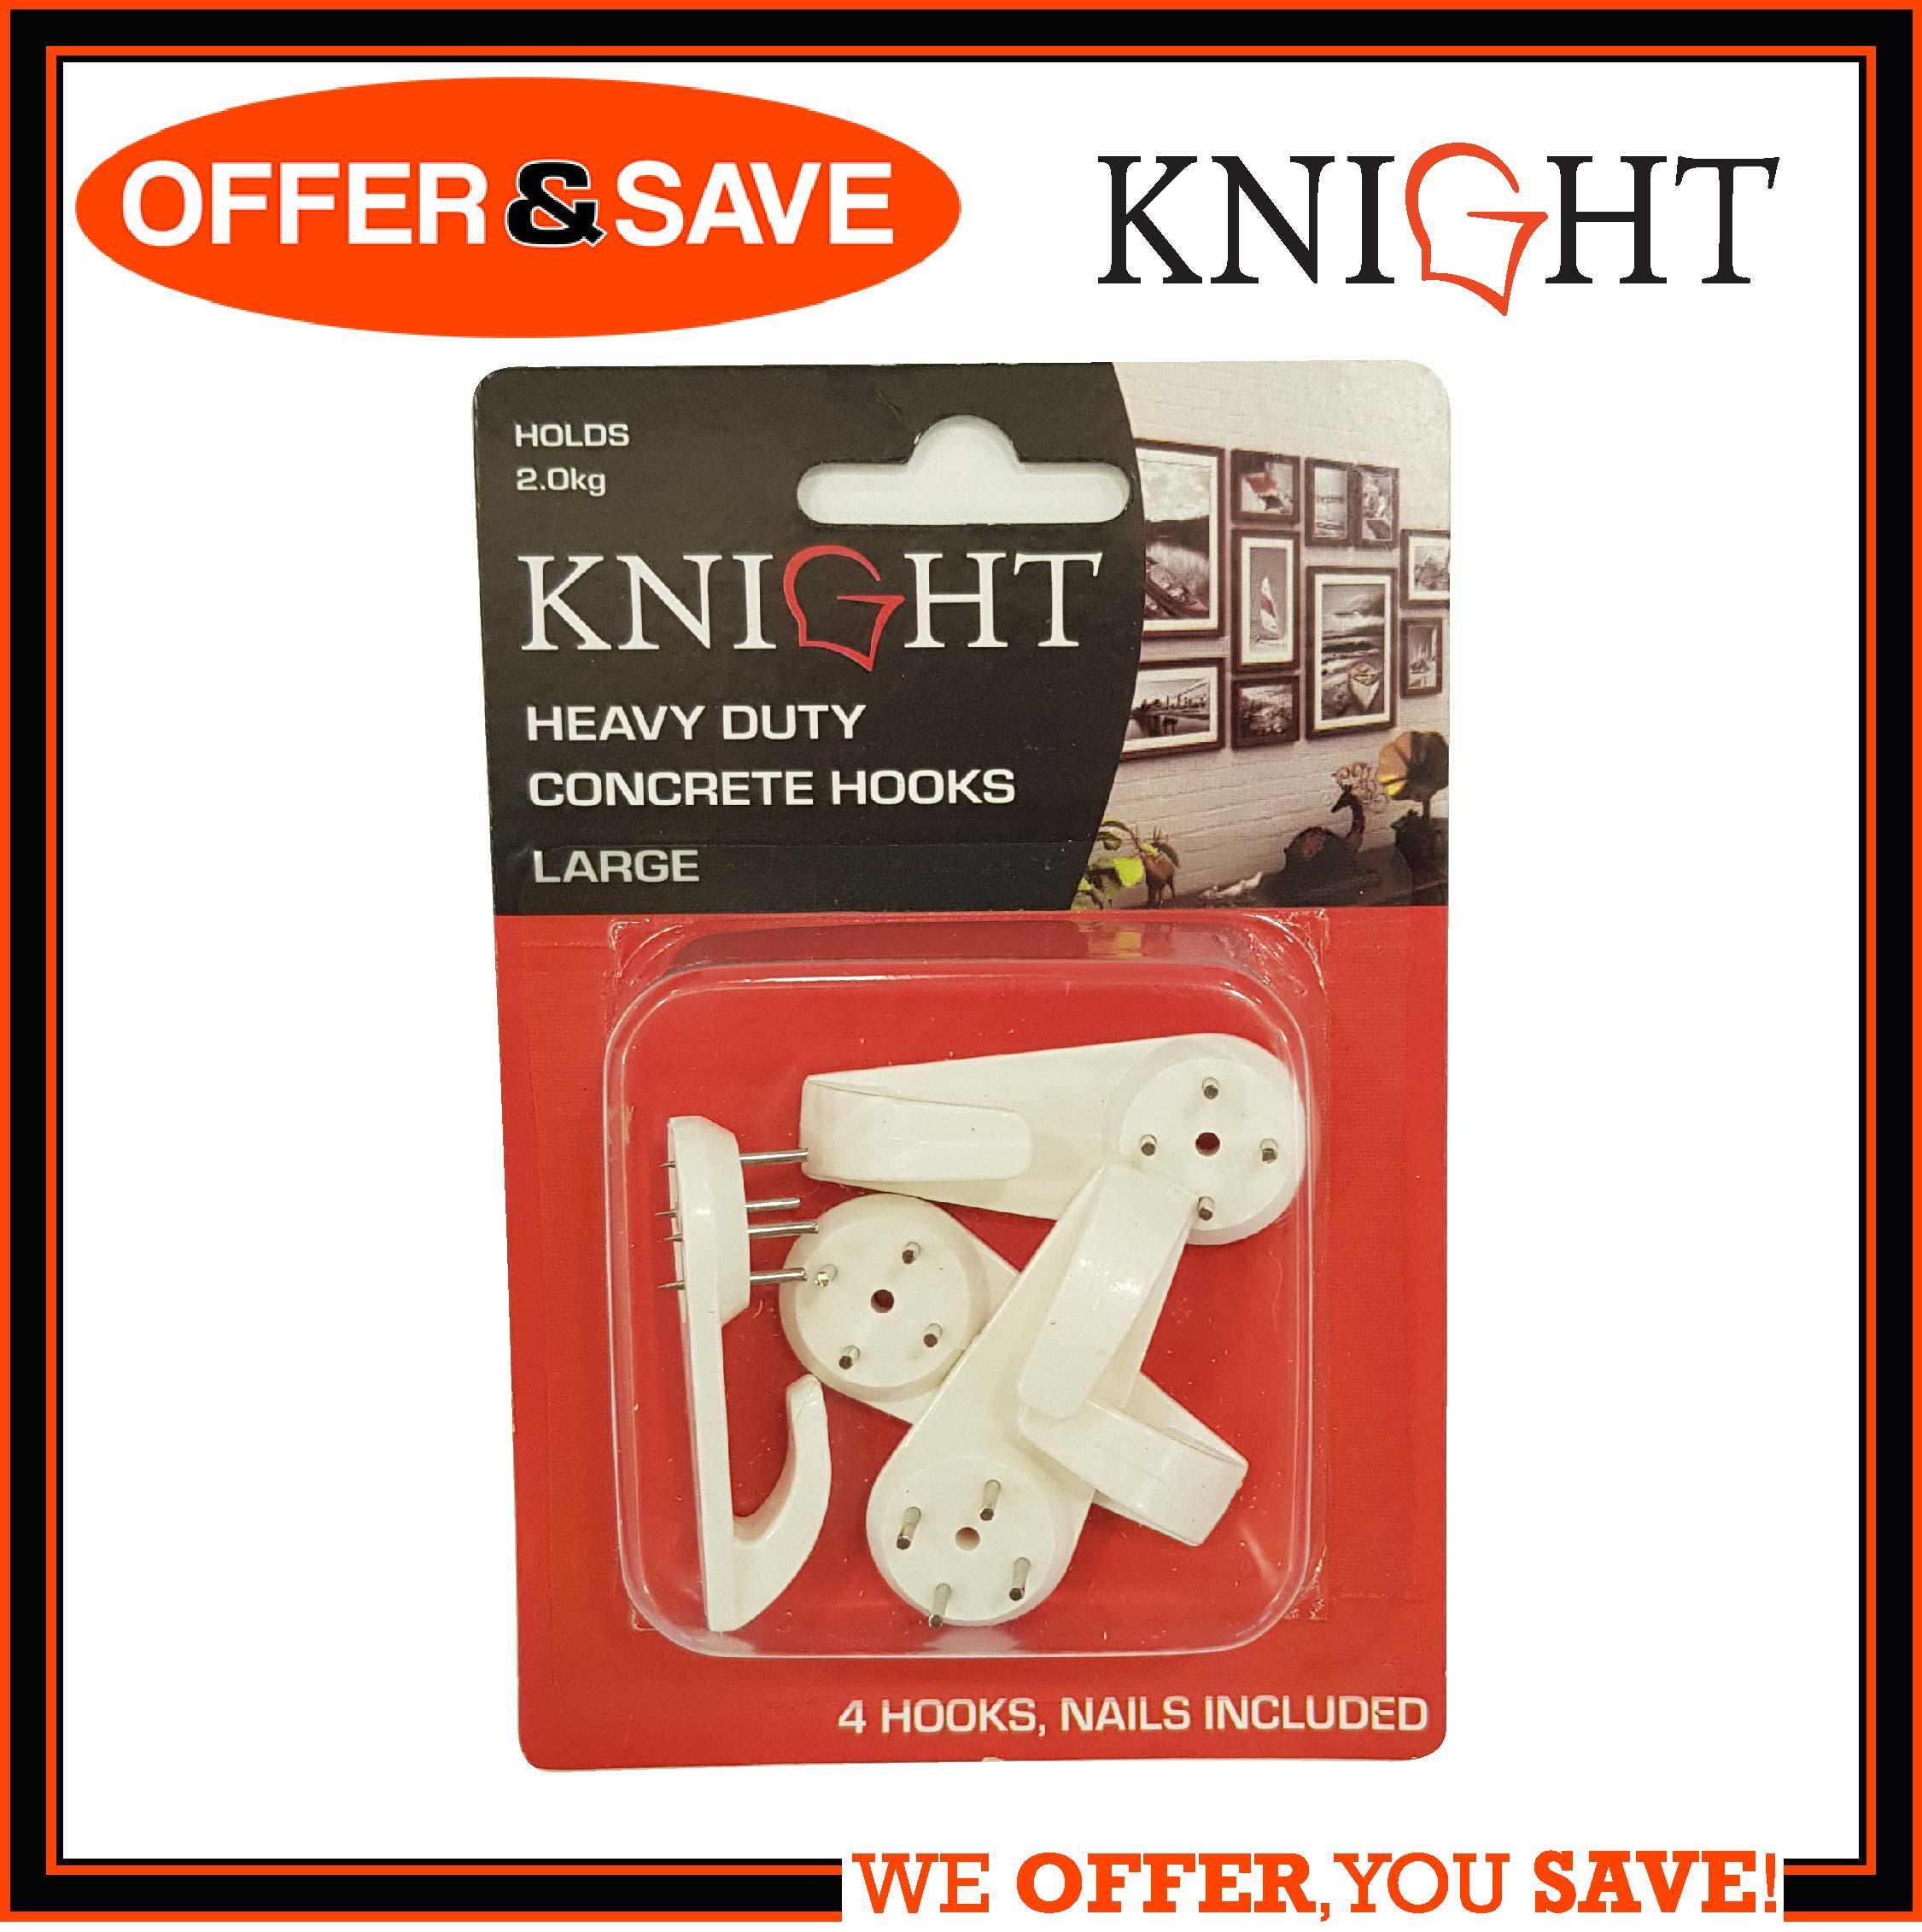 KNIGHT Heavy Duty Concrete Hook / Wall Hook Large 4pcs - 12322